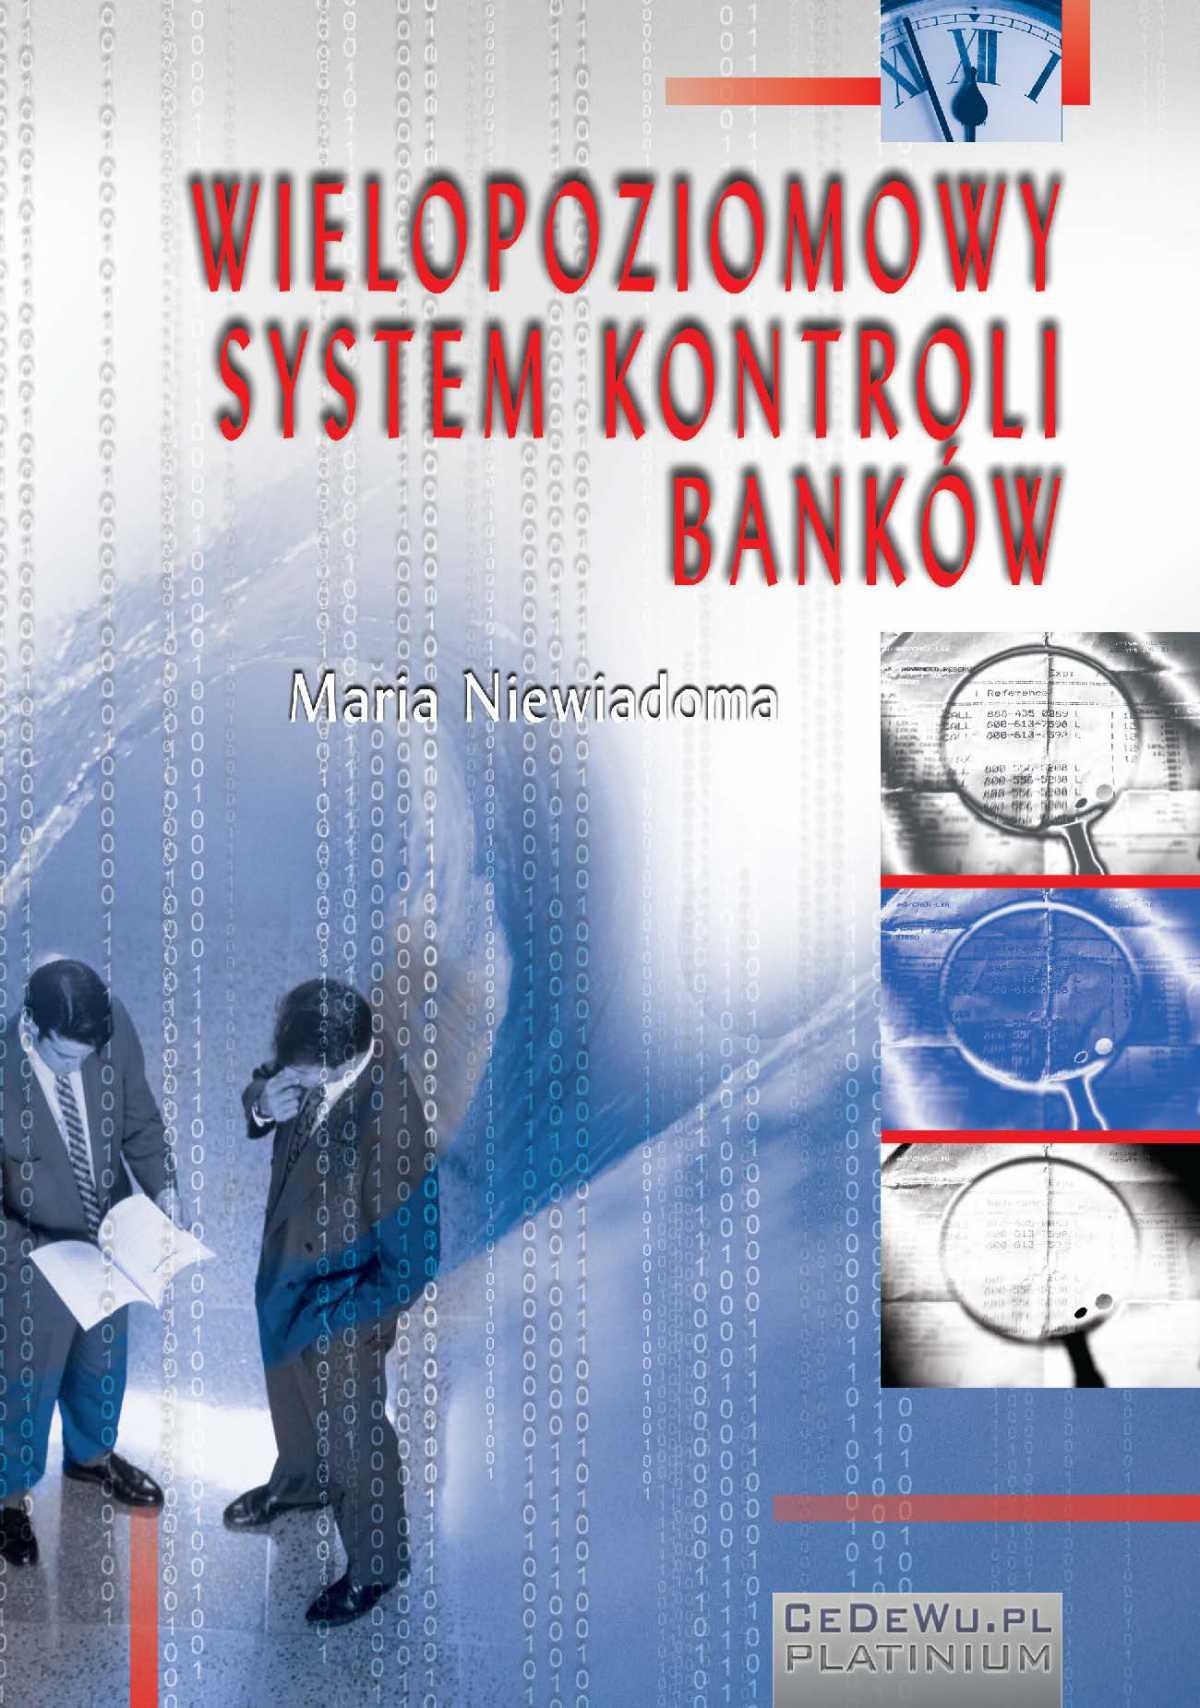 Wielopoziomowy system kontroli banków. Rozdział 4. Zagadnienia systemu kontroli wewnętrznej prowadzonej w bankach - Ebook (Książka PDF) do pobrania w formacie PDF